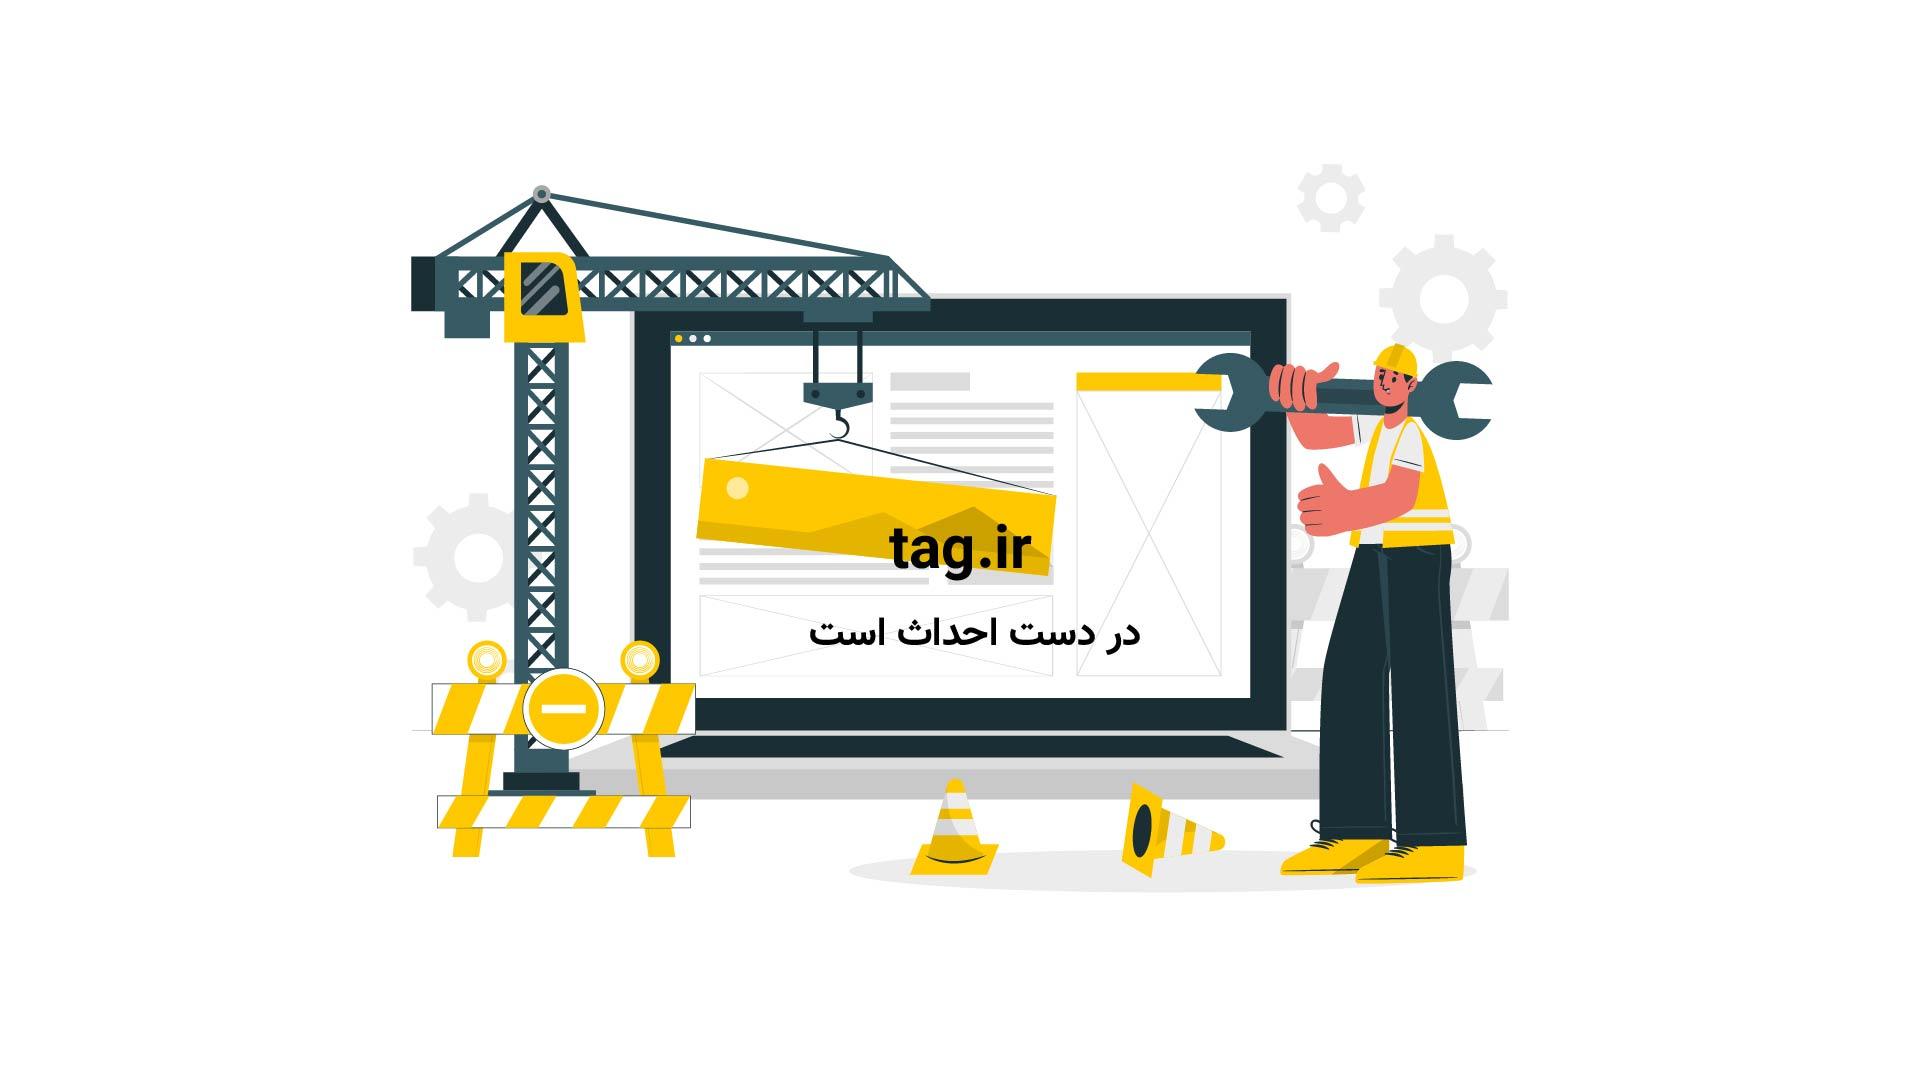 نواختن ساز جفتی توسط خالو قنبر در برنامه خندوانه | فیلم